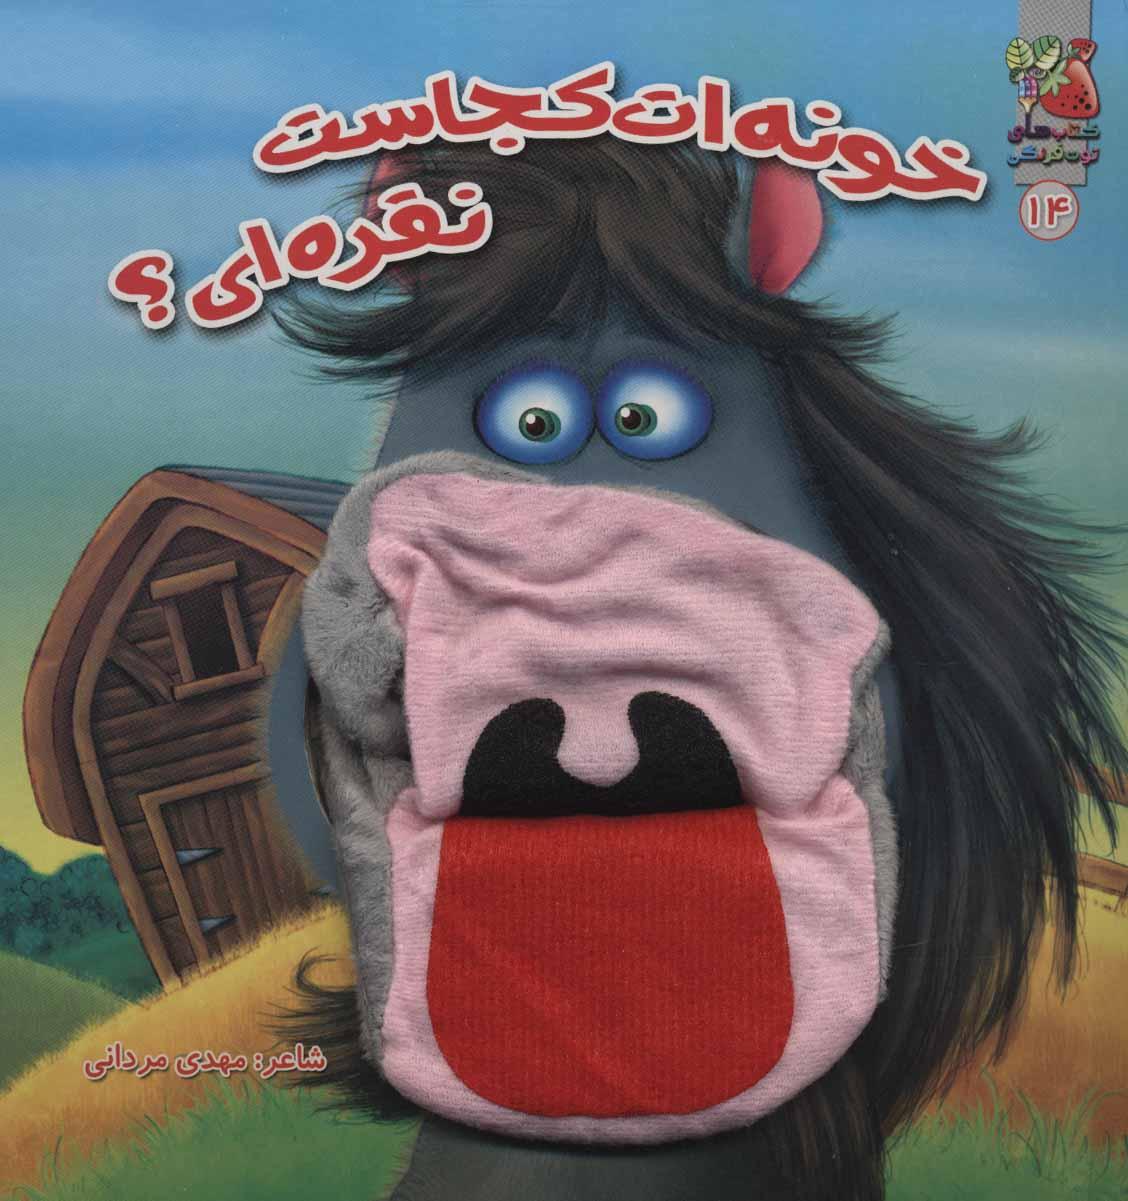 کتاب عروسکی14 (خونه ات کجاست نقره ای؟)،(گلاسه)